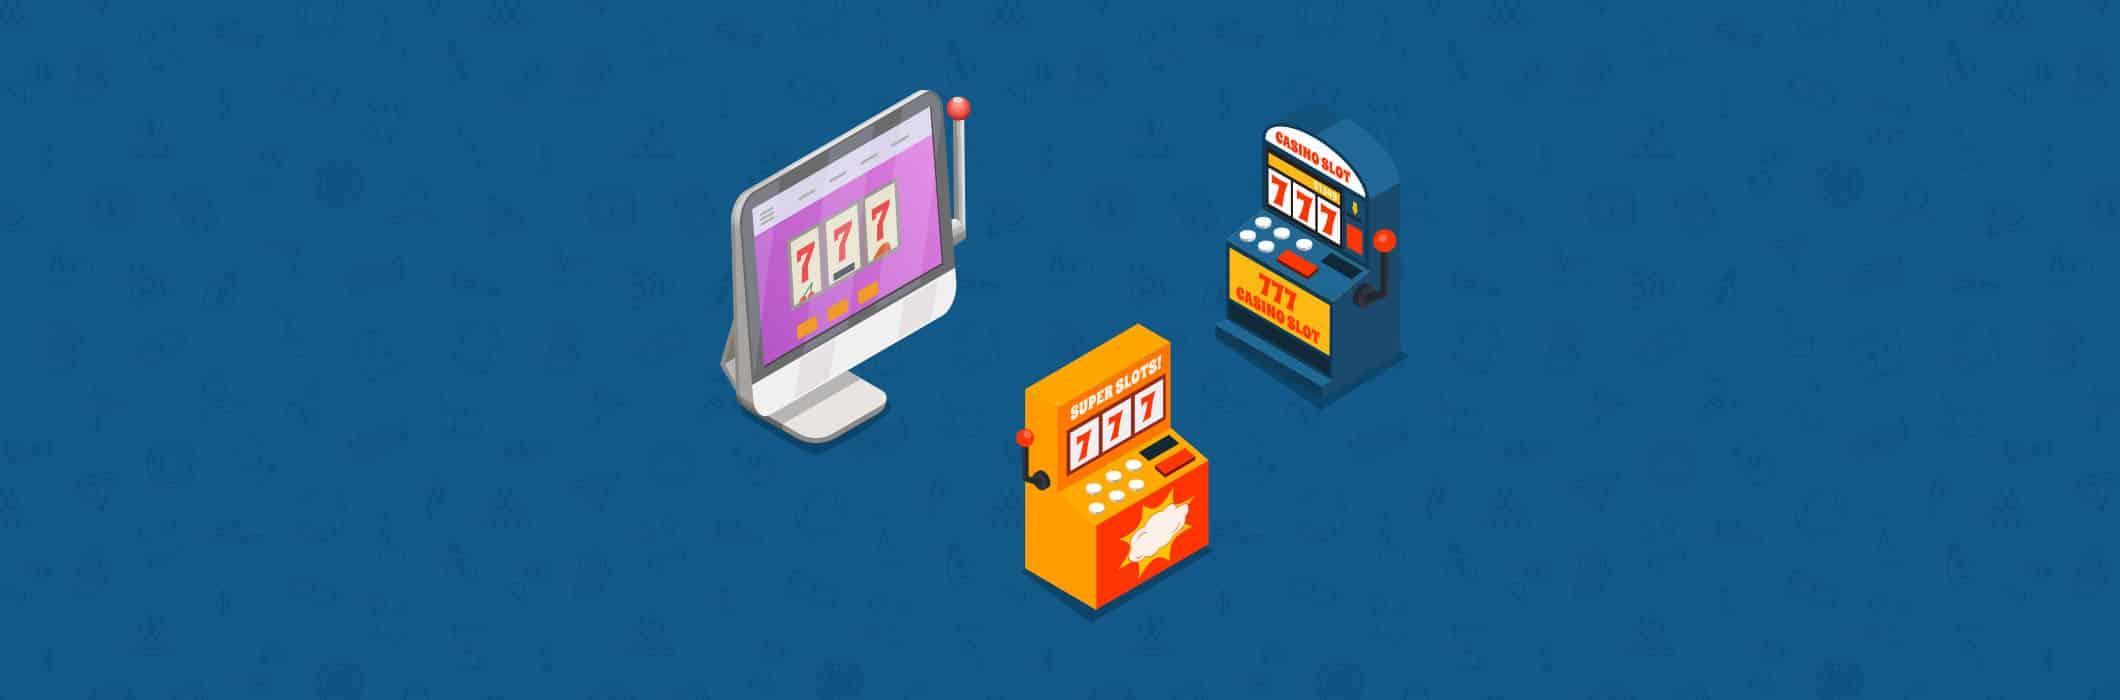 Nye Online Spilleautomater - Banner | CasinoTopp.jpg